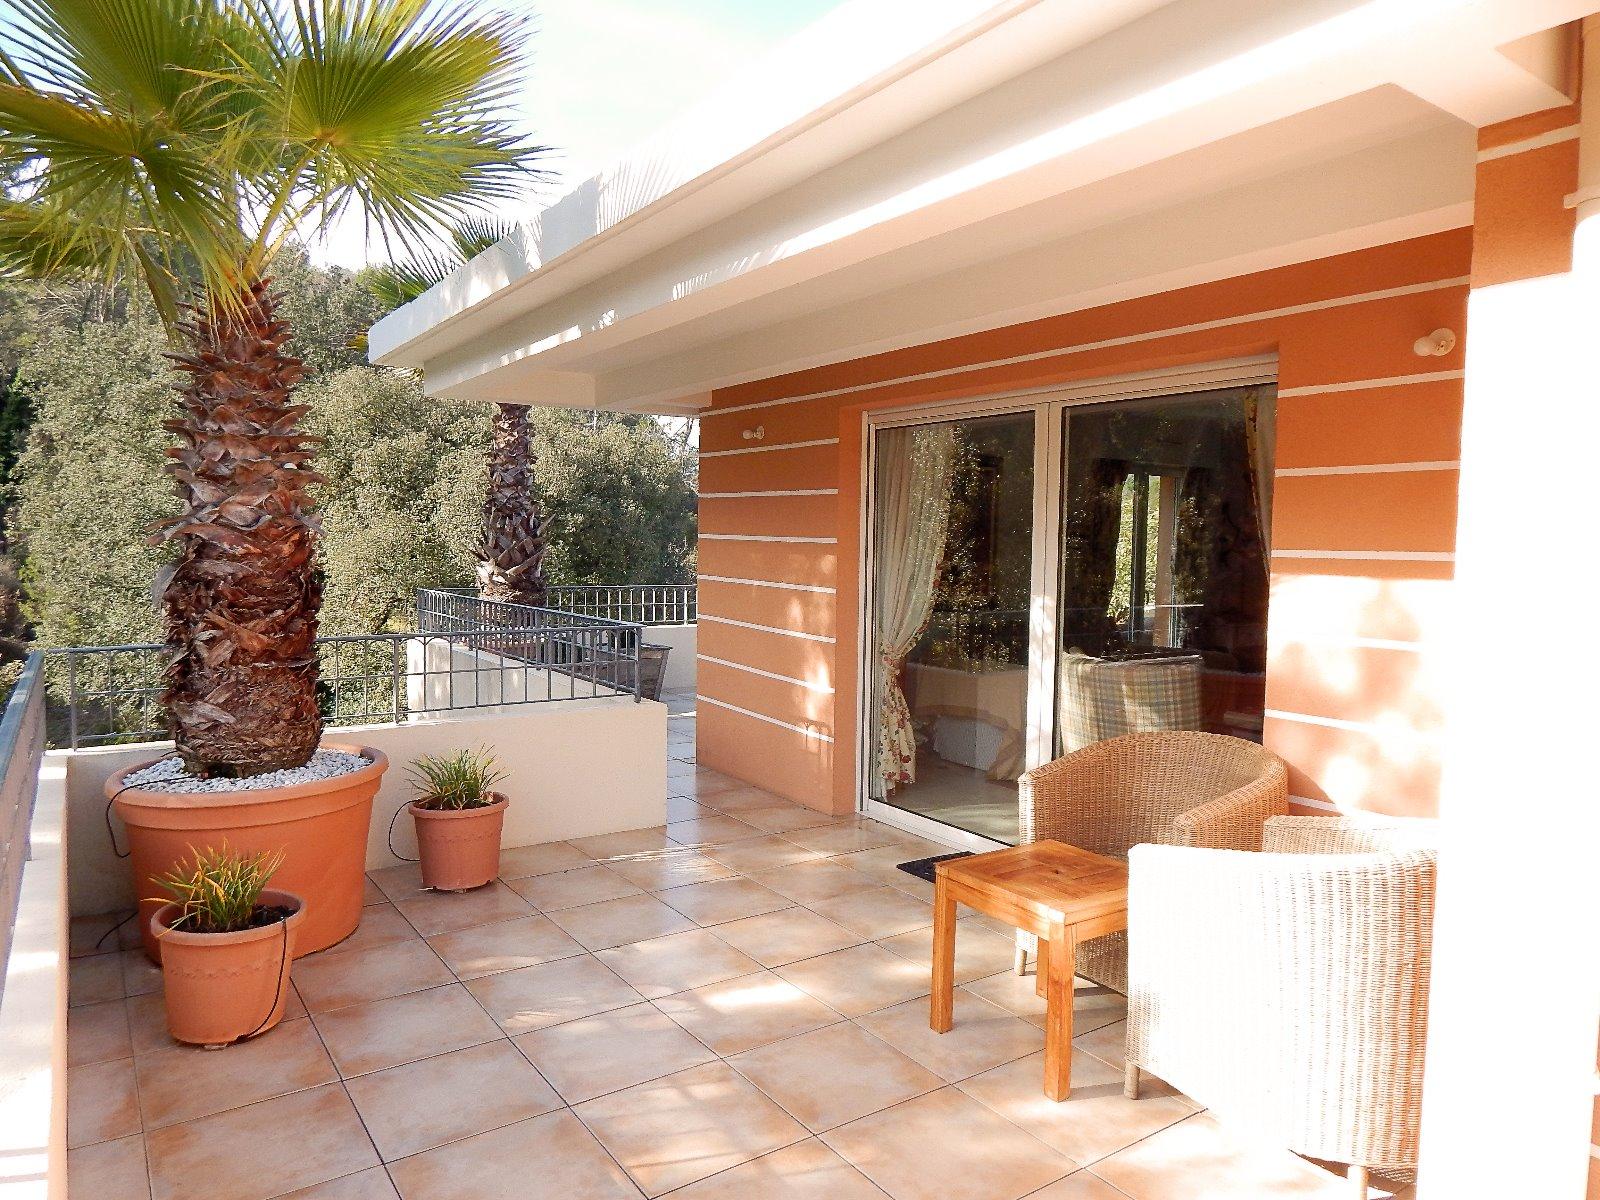 valbonne 06 alpes maritimes a vendre villa sur toit appartement avec 130m2 toit terrasse 3d. Black Bedroom Furniture Sets. Home Design Ideas